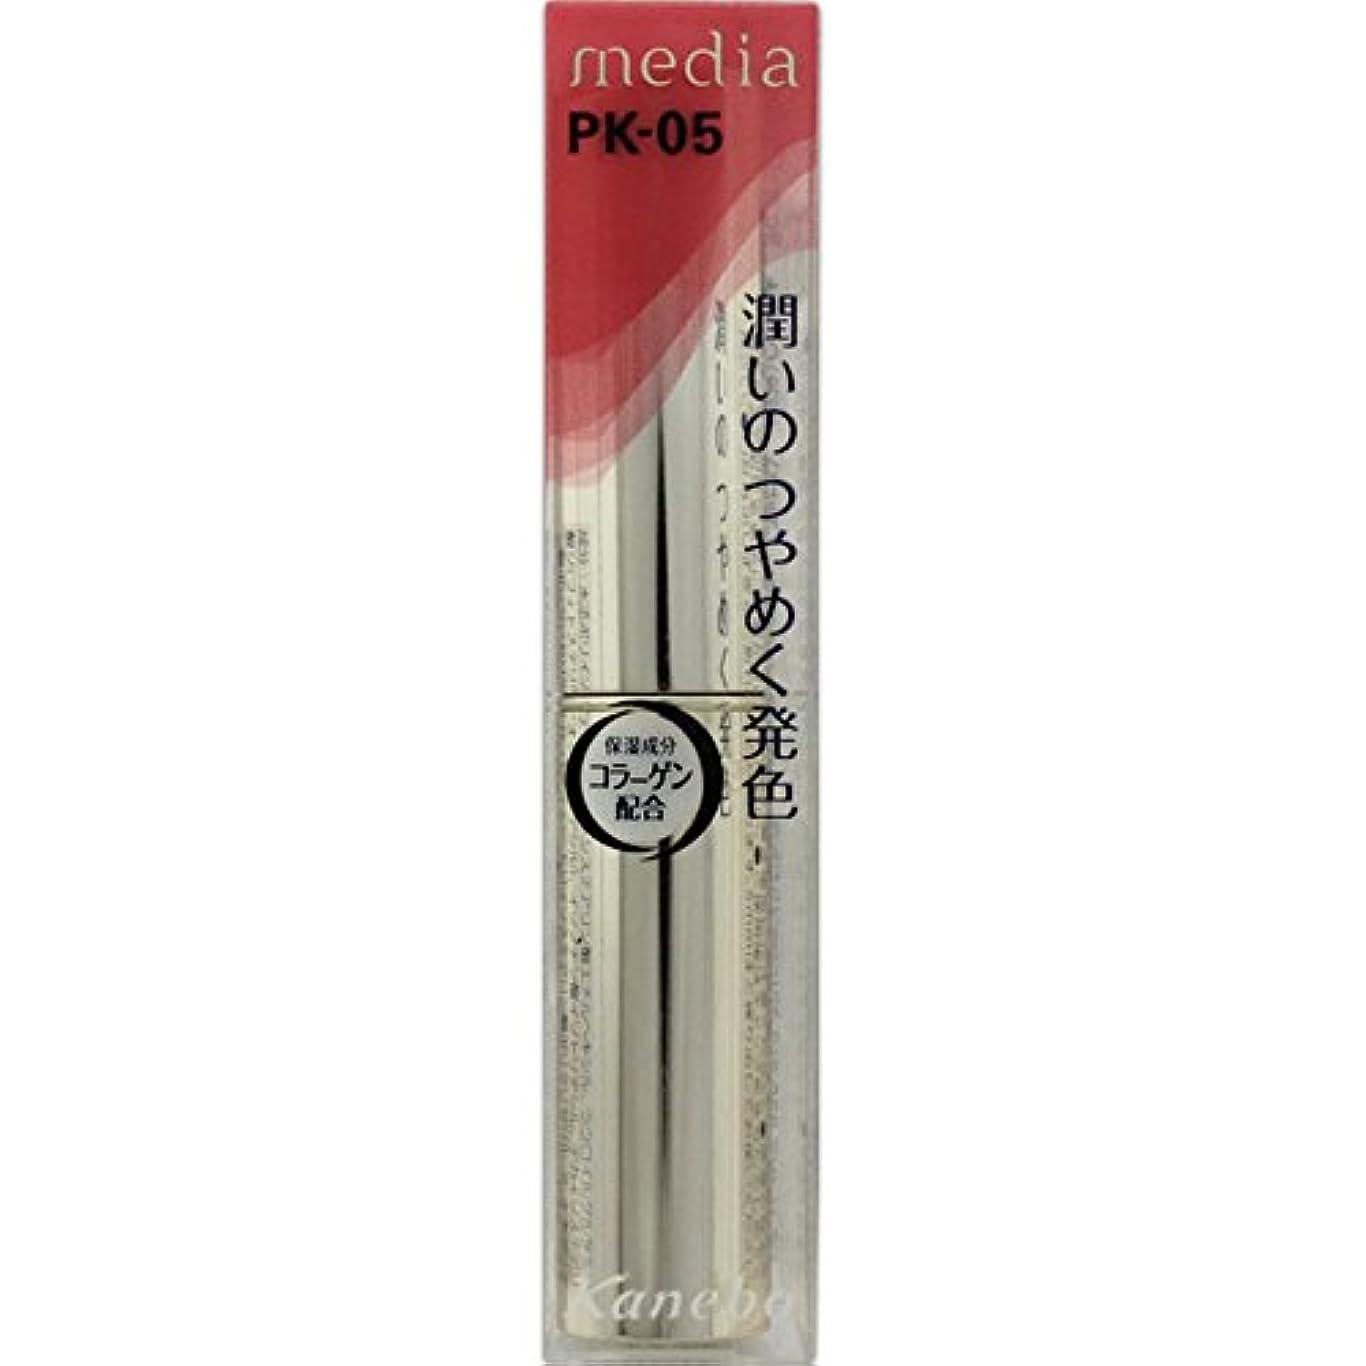 ぜいたく硫黄弾丸カネボウ メディア(media)シャイニーエッセンスリップA カラー:PK-05